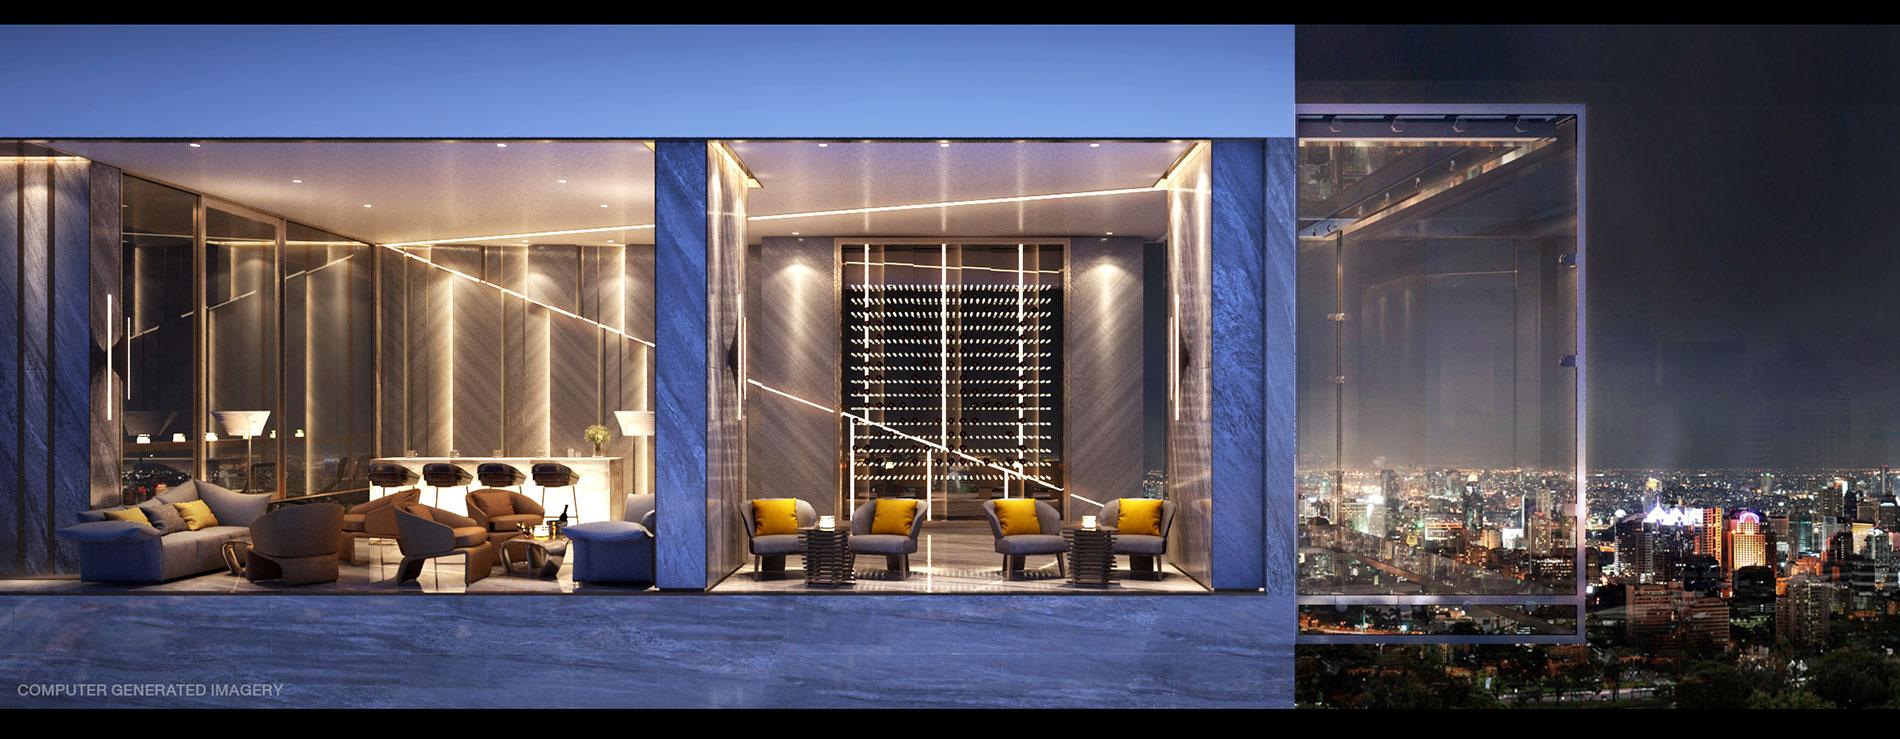 Building A: Sky Lounge ให้คุณผ่อนคลายในบรรยากาศส่วนตัว พร้อมดื่มดื่มด่ำกับทัศนียภาพใจกลางเมือง